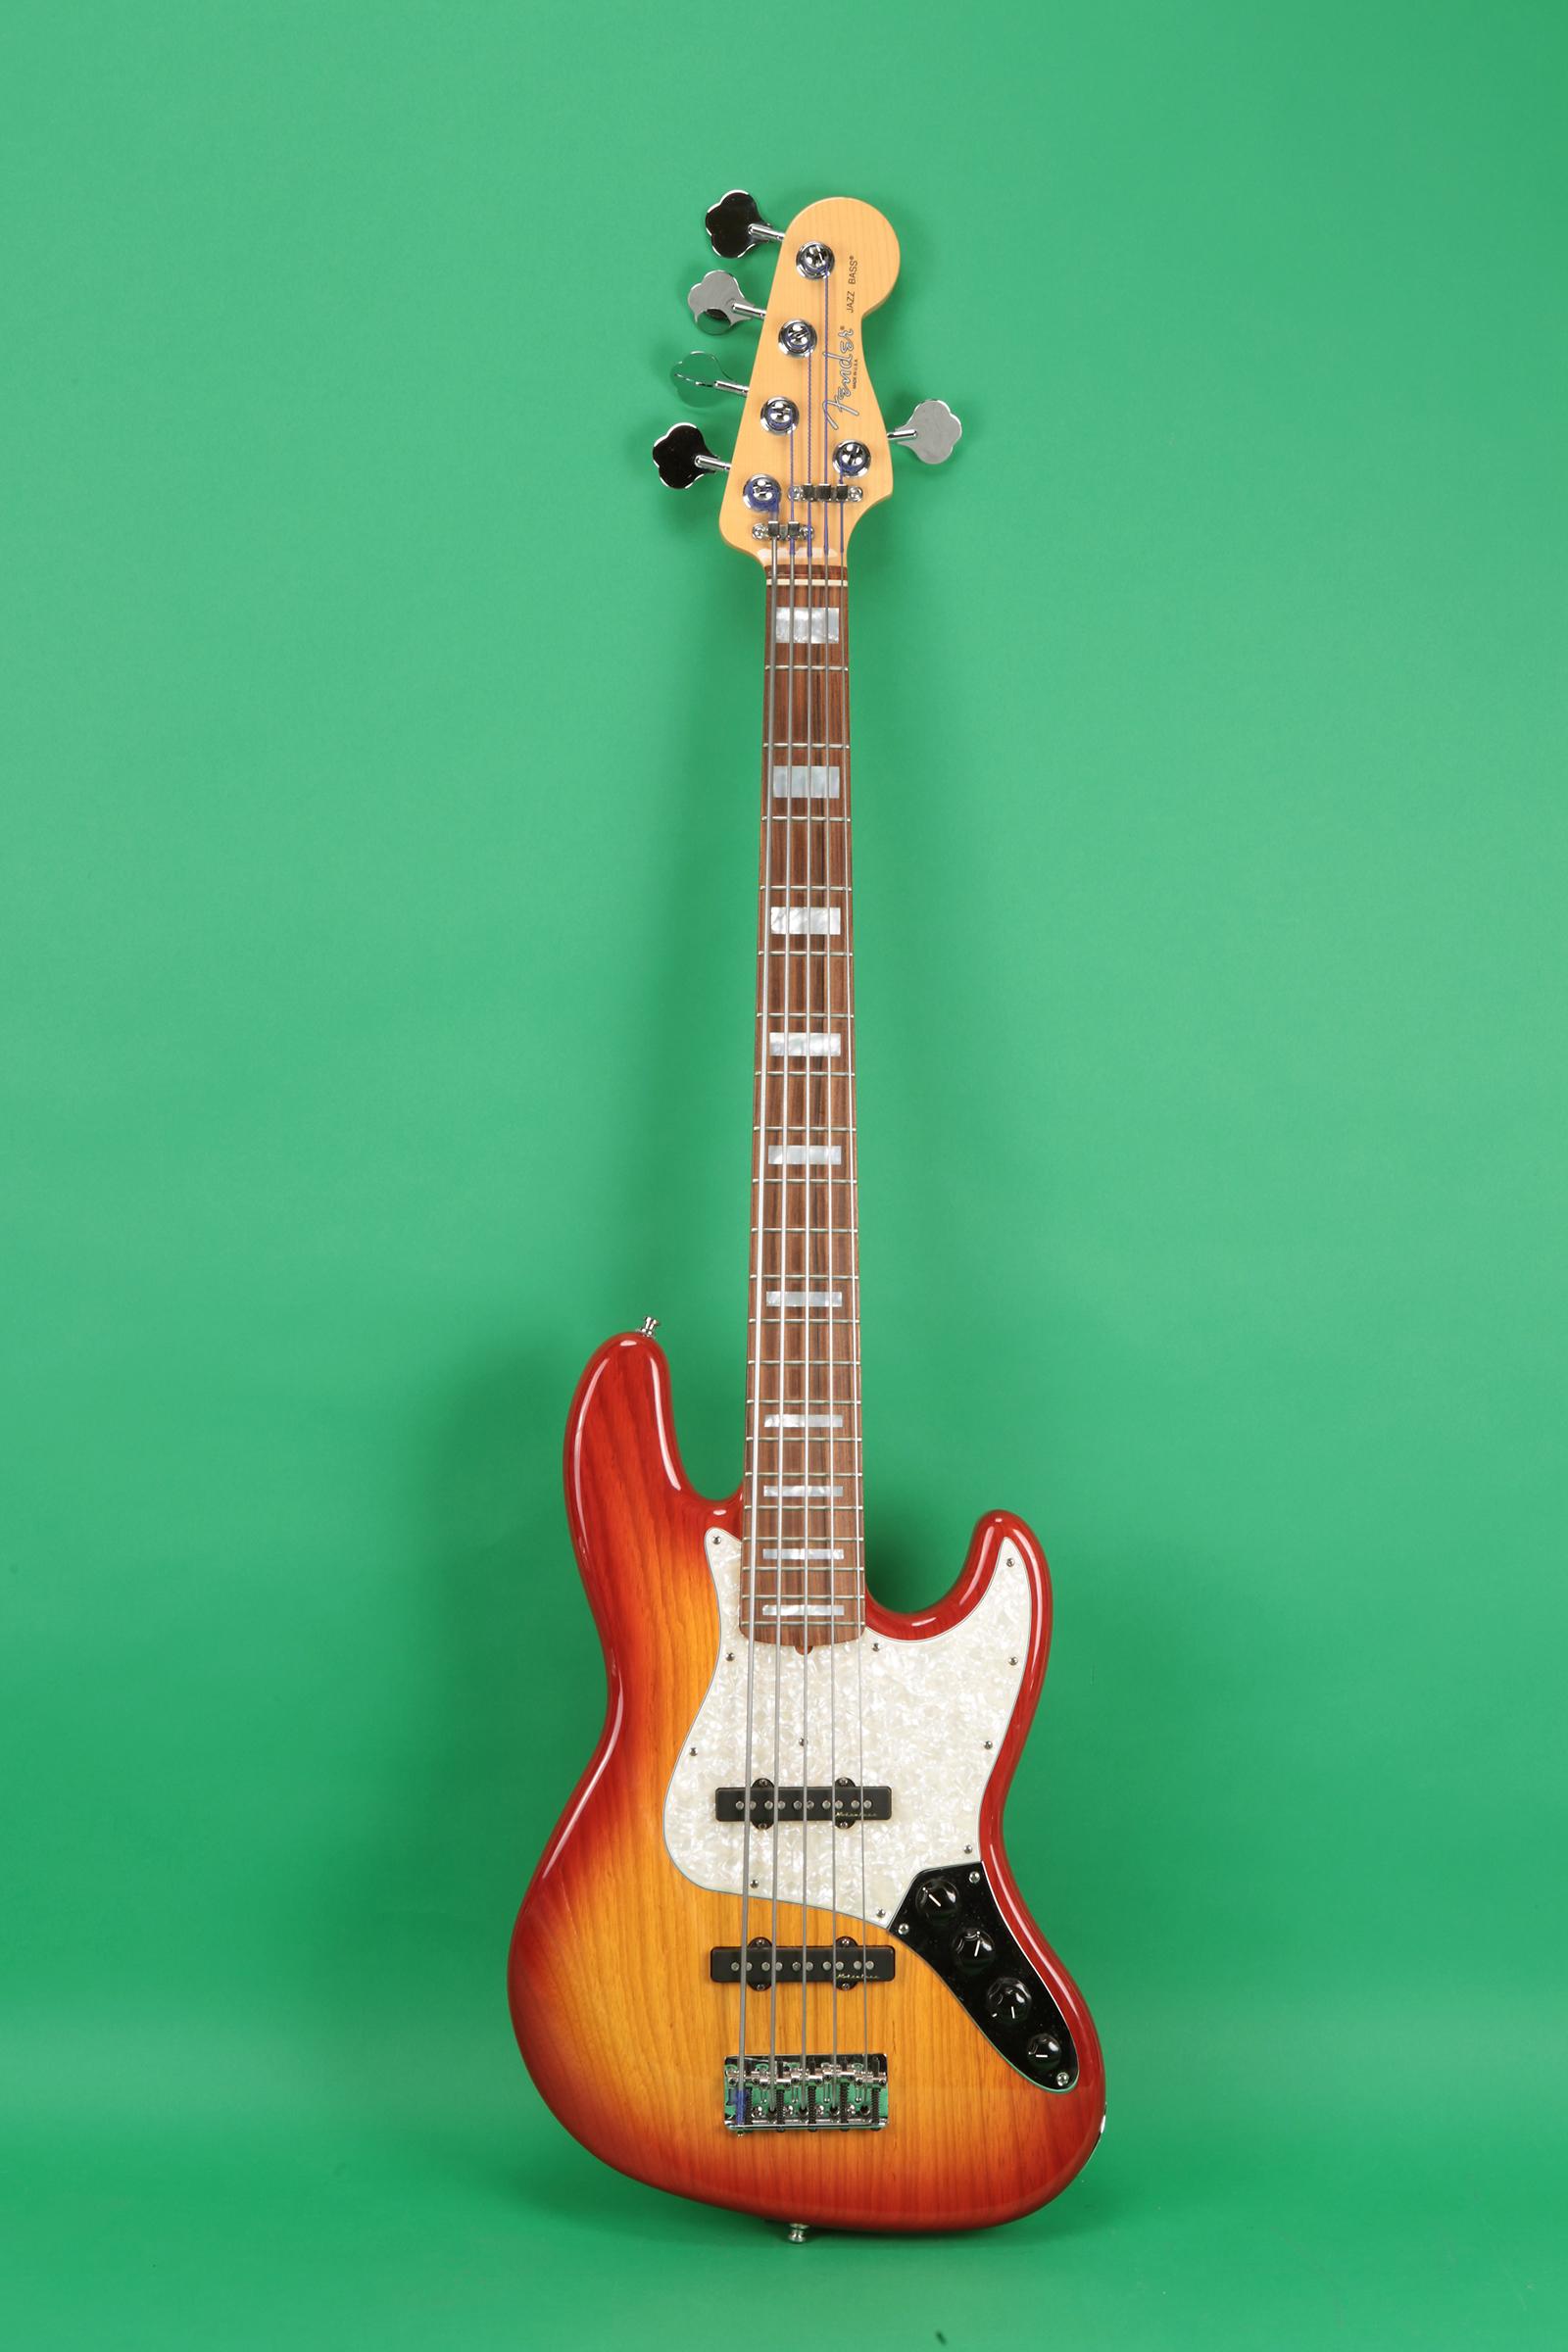 fender custom shop 5 string jazz bass 2005 sunburst. Black Bedroom Furniture Sets. Home Design Ideas